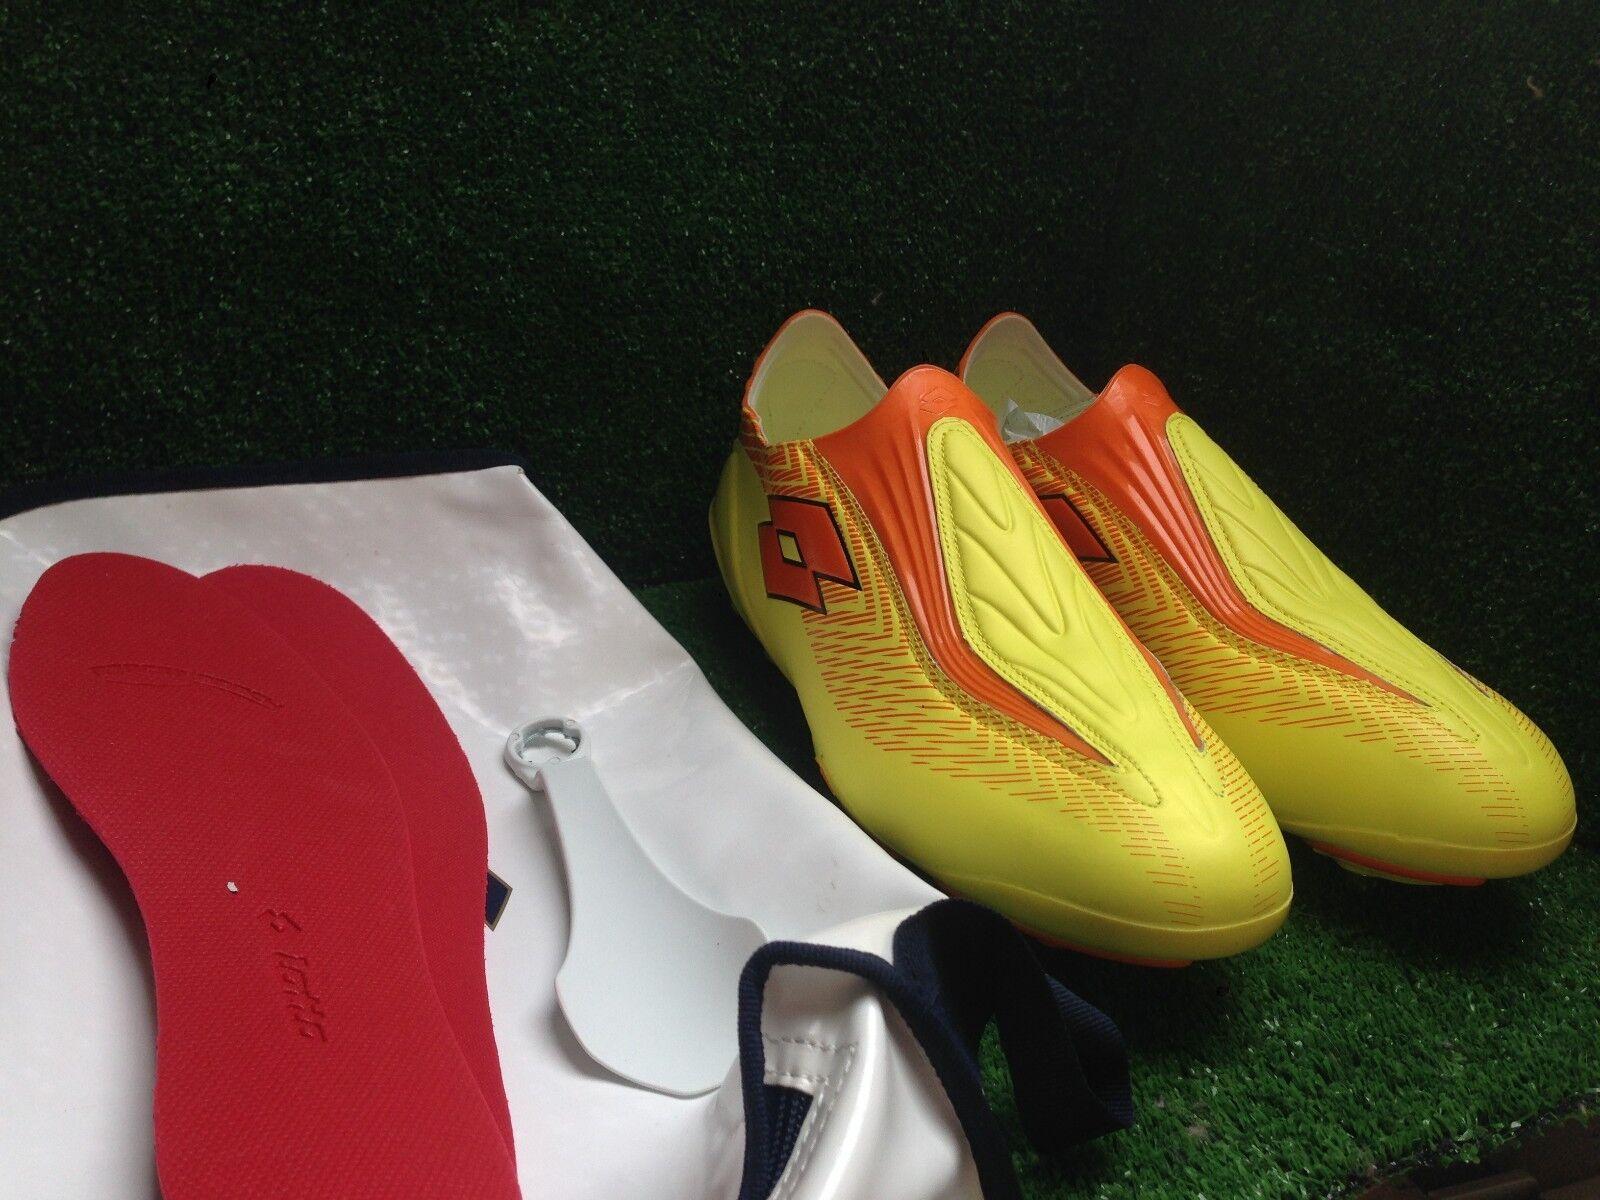 Lotto Zhero Gravity FG botas De Fútbol Zapato Amarillo Tacos 12 11